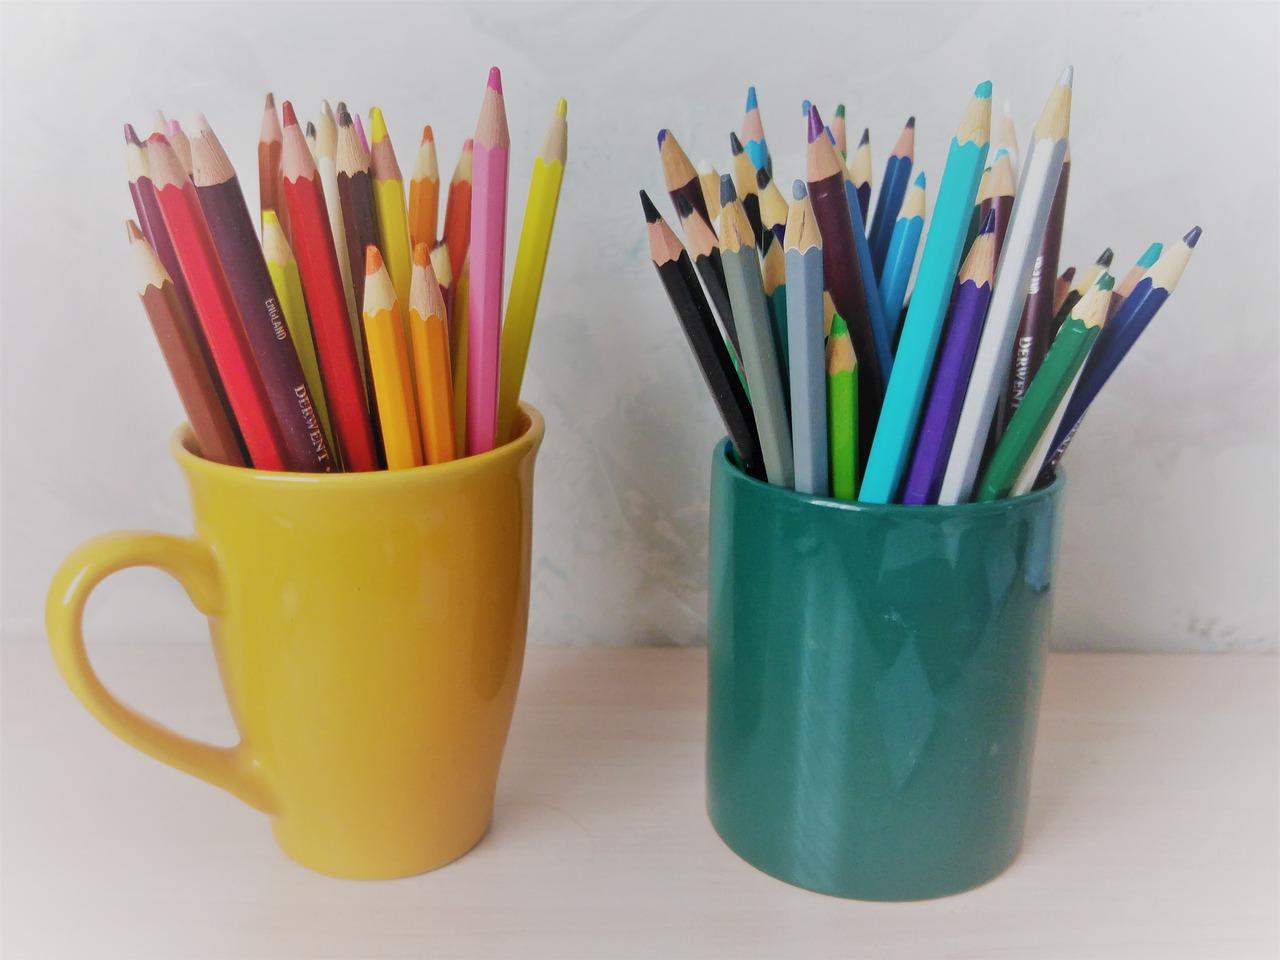 Yang Banyak Peminat - Pertimbangkan 5 Hal Ini Sebelum Memilih Pensil warna